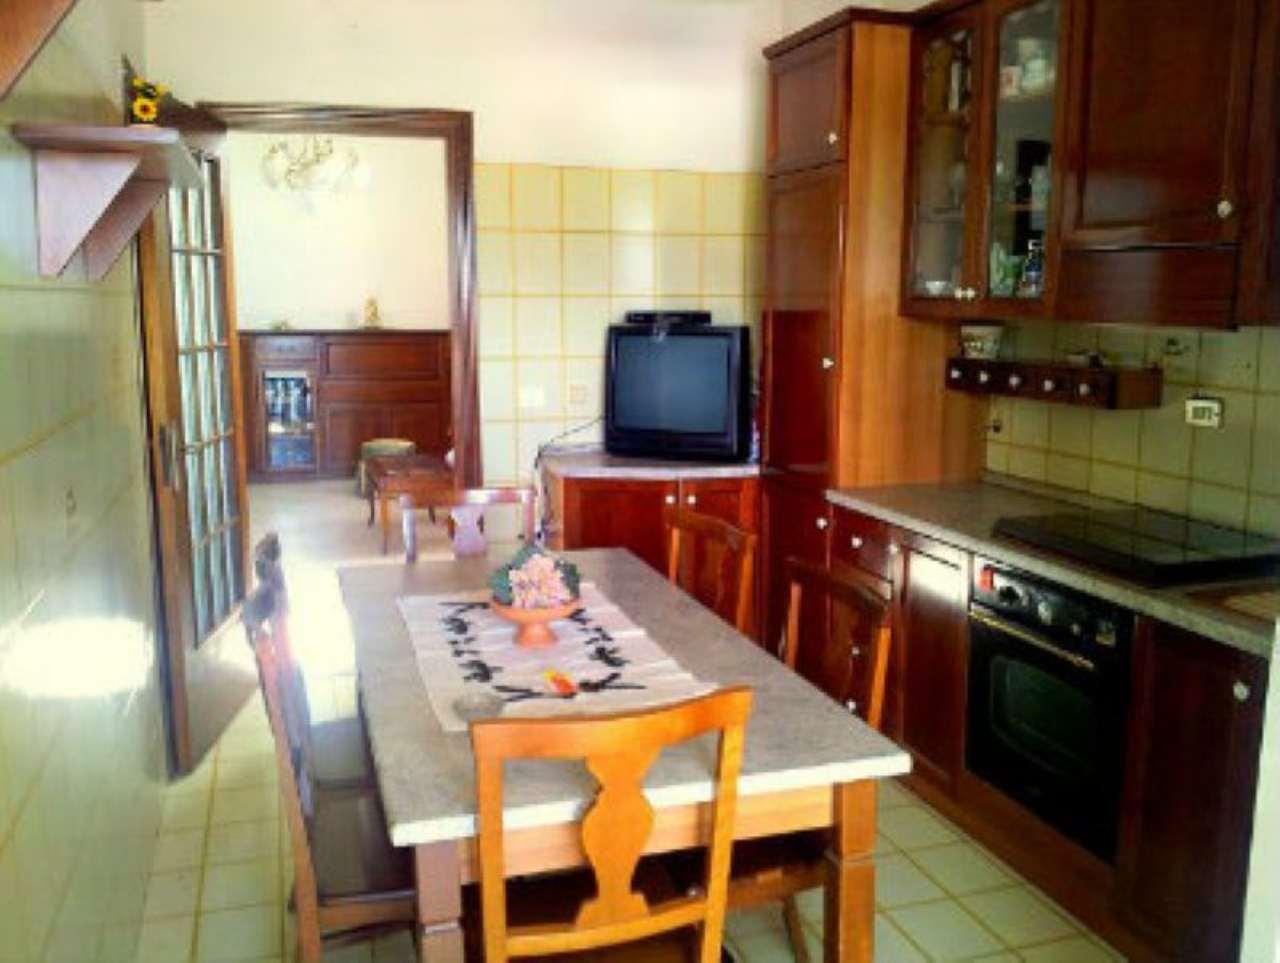 Appartamento in vendita a Poggiomarino, 3 locali, prezzo € 85.000 | Cambio Casa.it